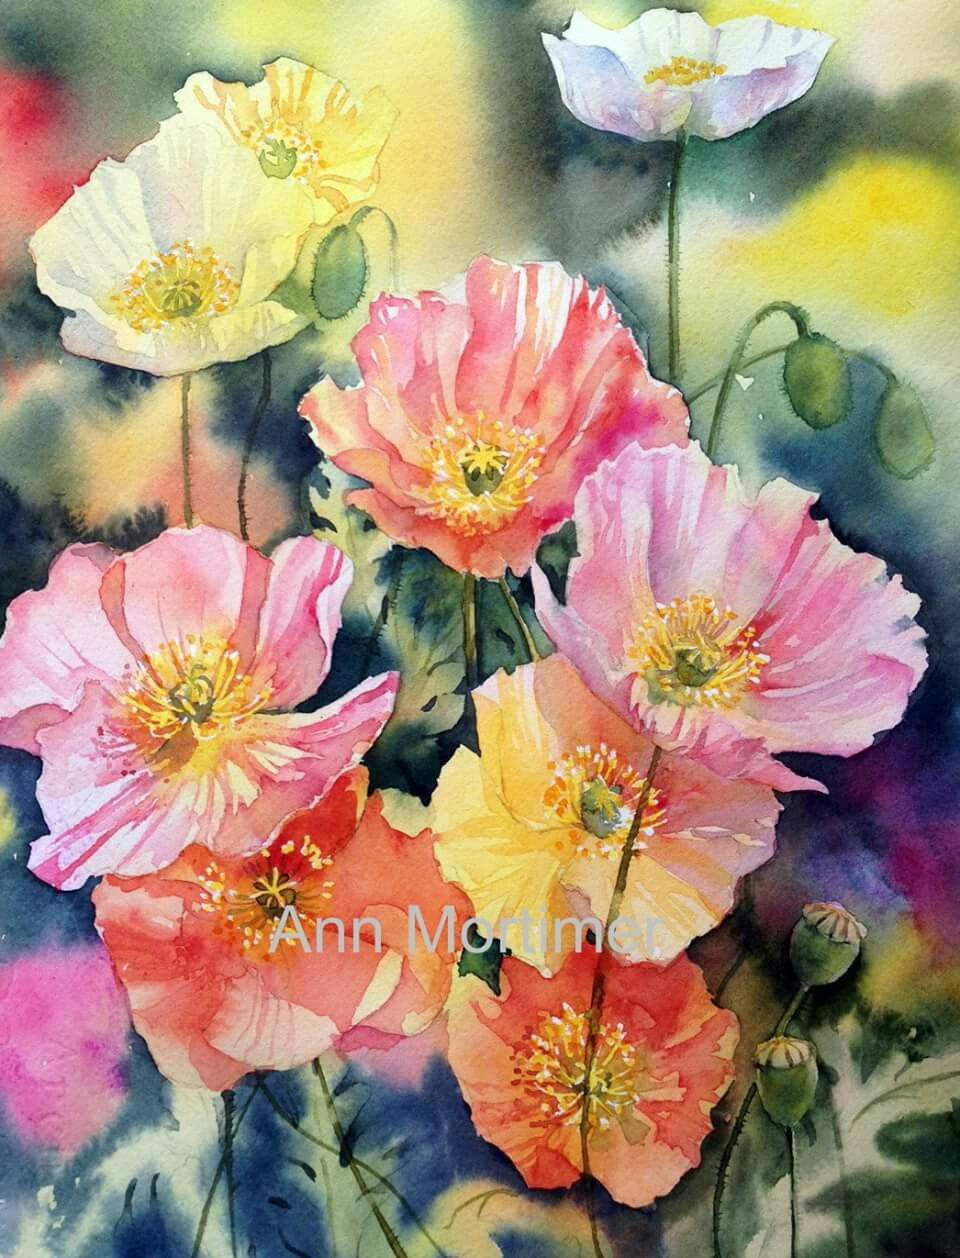 Pin Von Aranka Karl Auf Diverse Aquarelle Acrylbilder Olbilder Blumen Gemalde Blumen Malen Und Aquarell Blumen